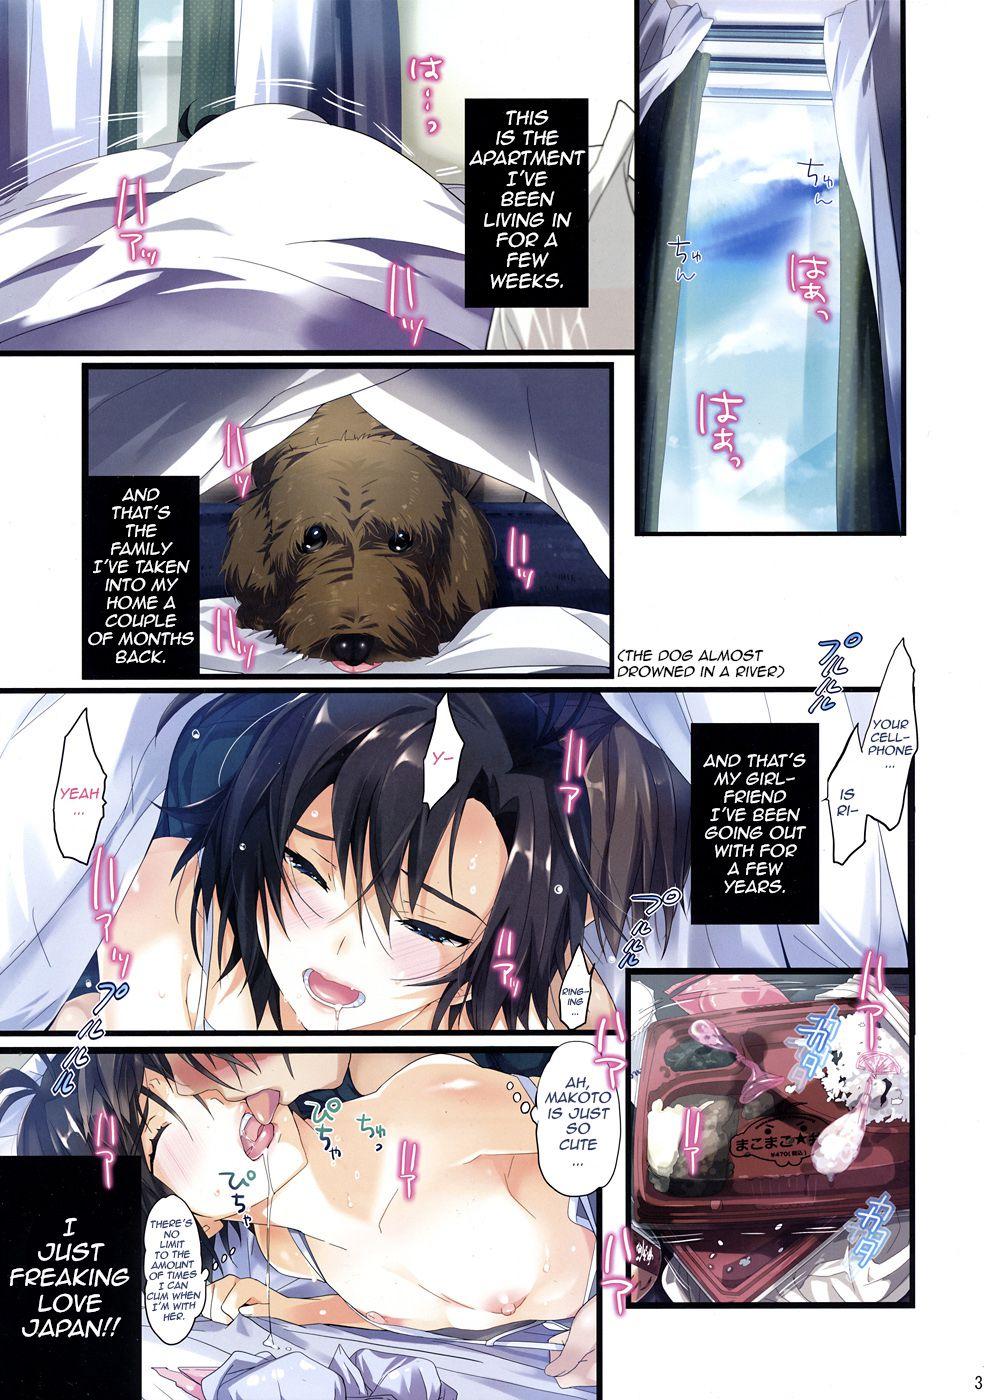 Taira Tsukune / ROUTE1 — Коллекция работ [Cen] [JAP,ENG] [JPG,PNG] Manga Hentai